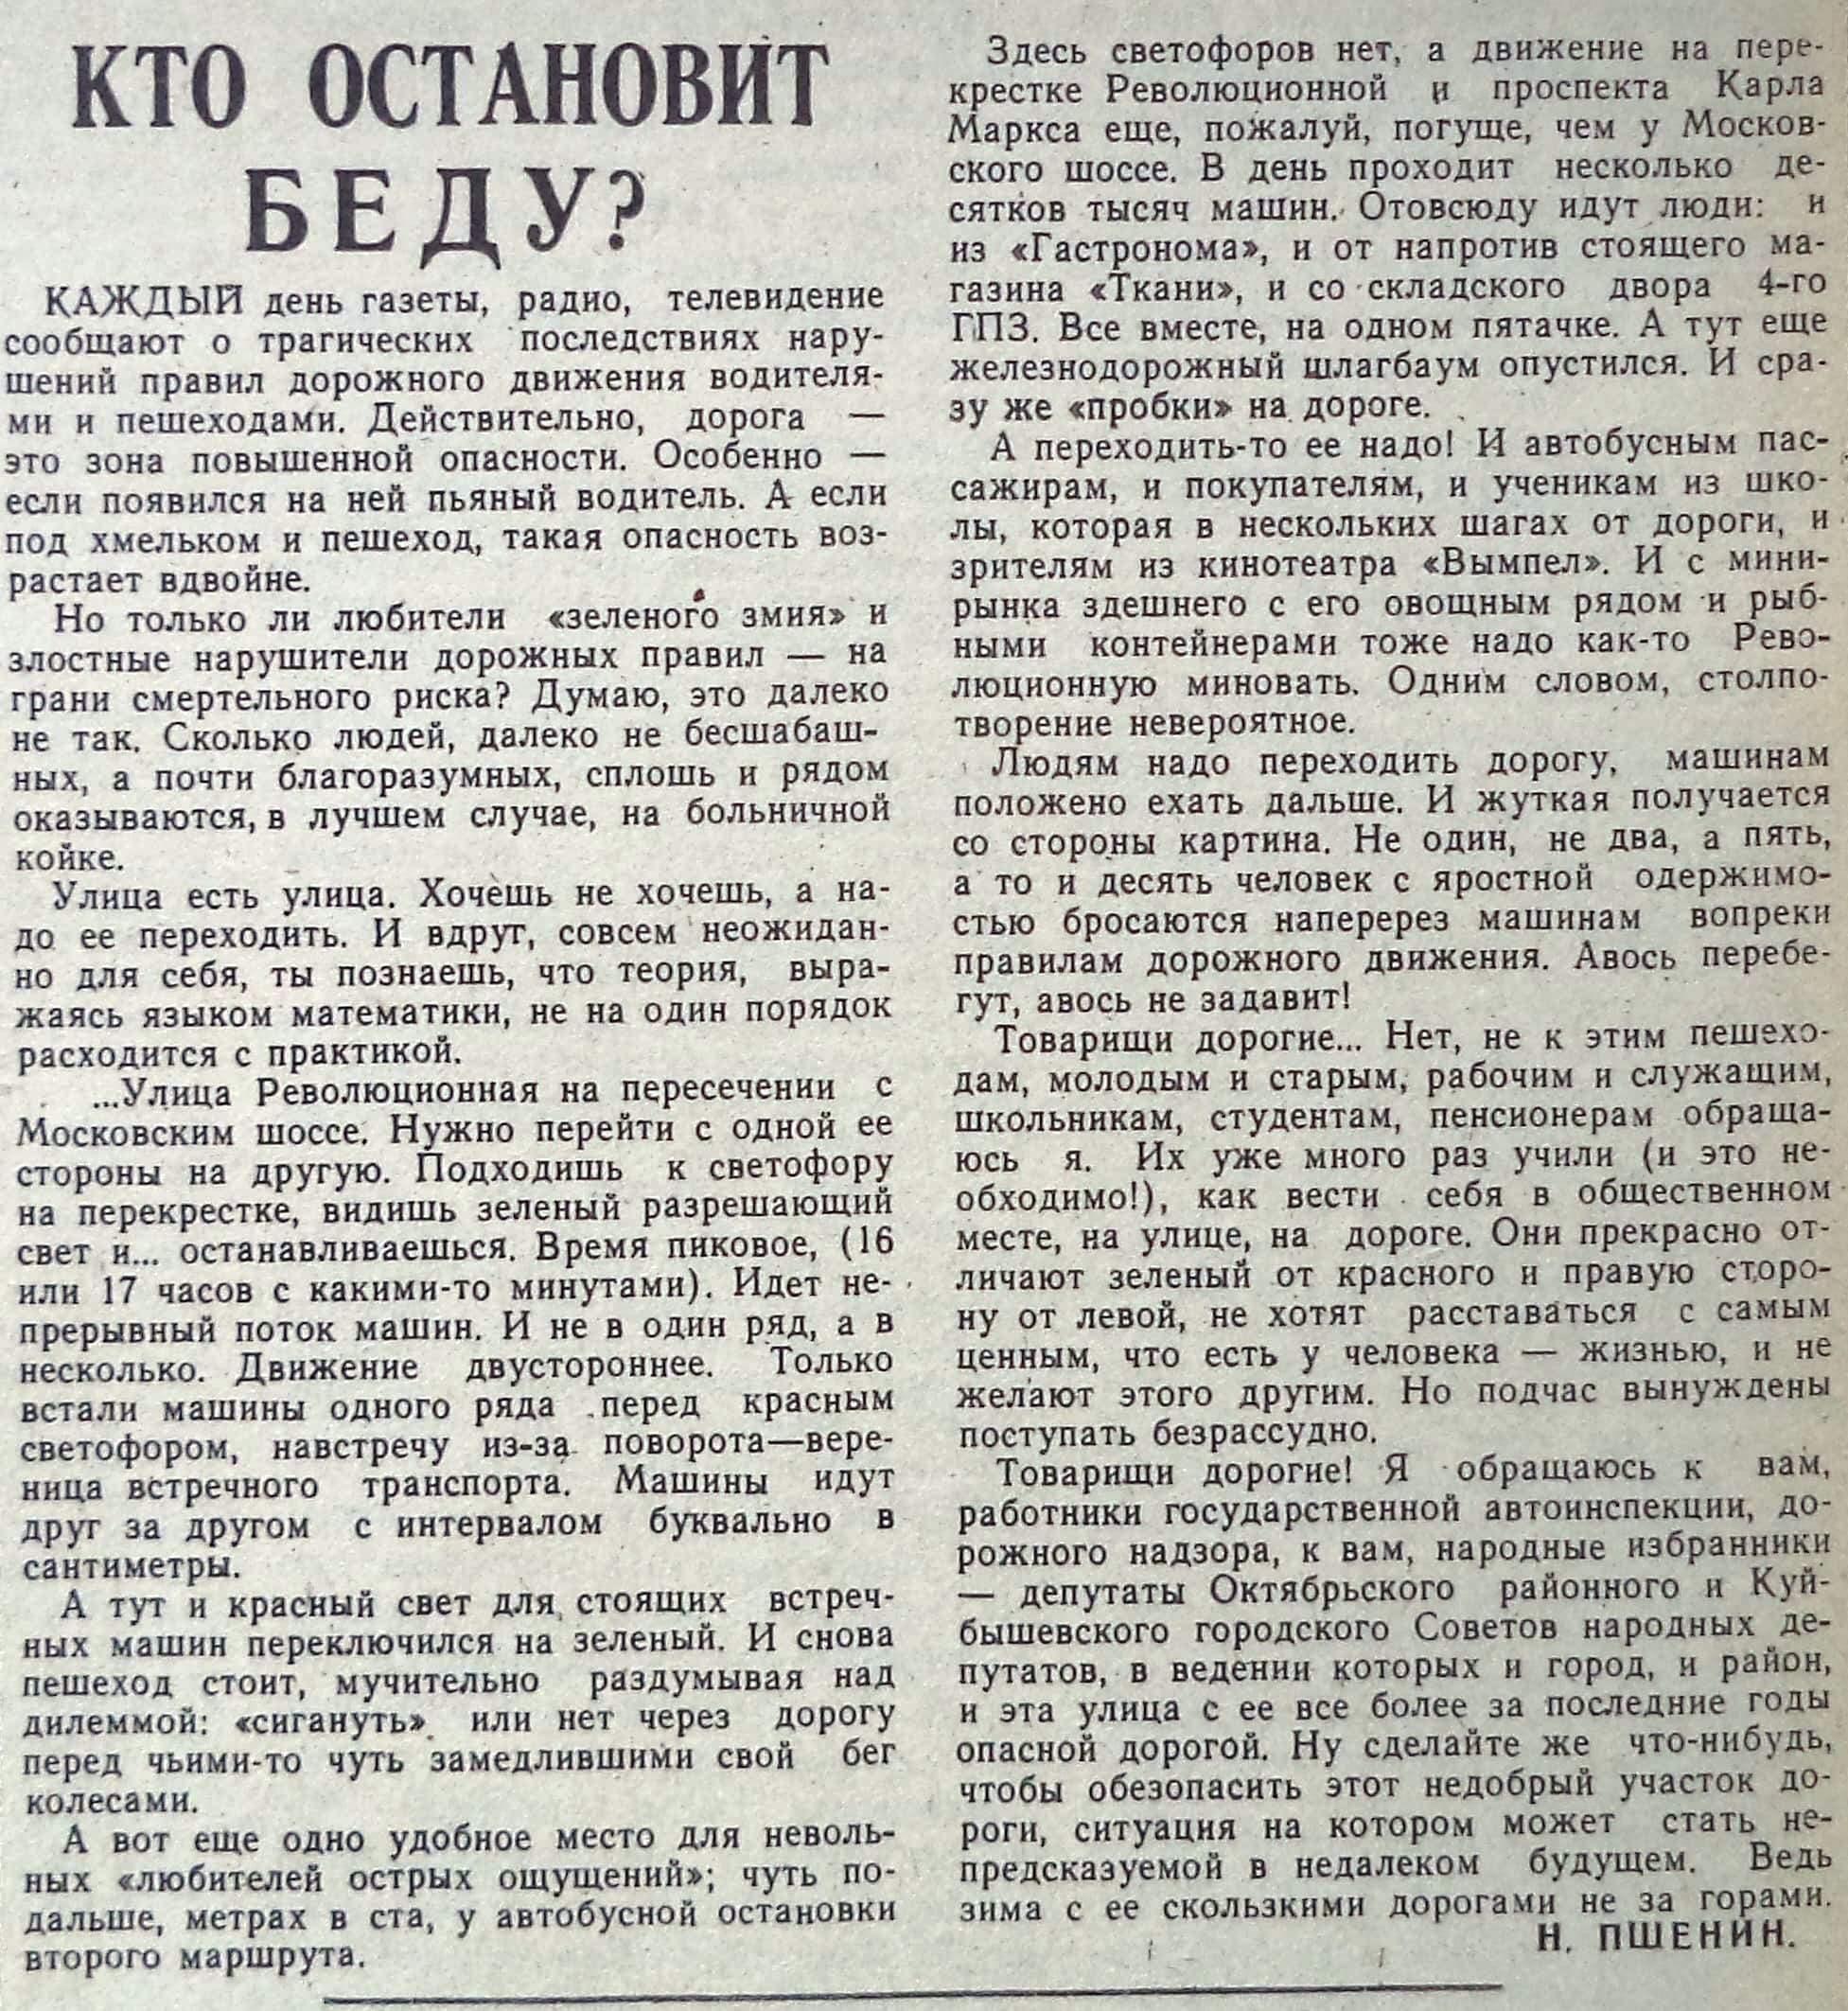 Революционная-ФОТО-95-ВЗя-1989-11-02-проблематика движ. по Револ.